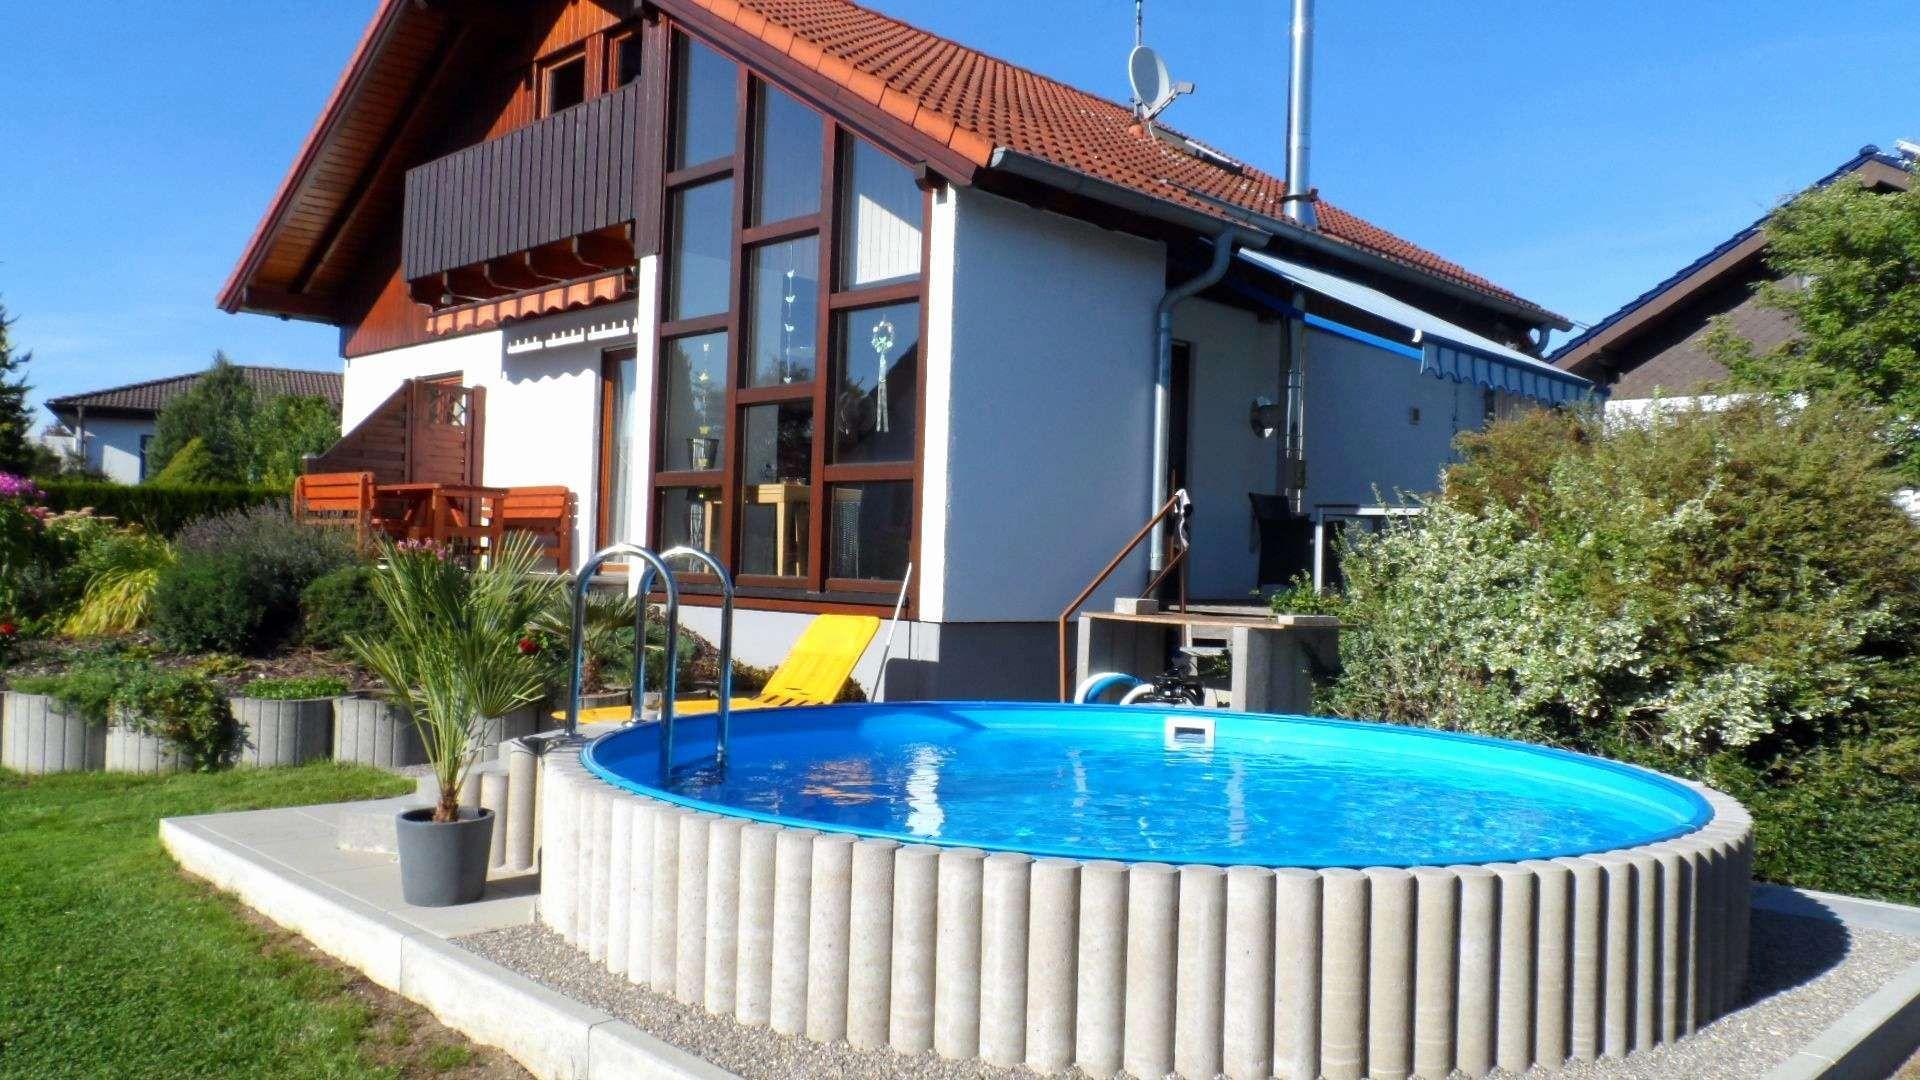 Ideen 40 Für Kleiner Pool Im Garten #poolimgartenideen